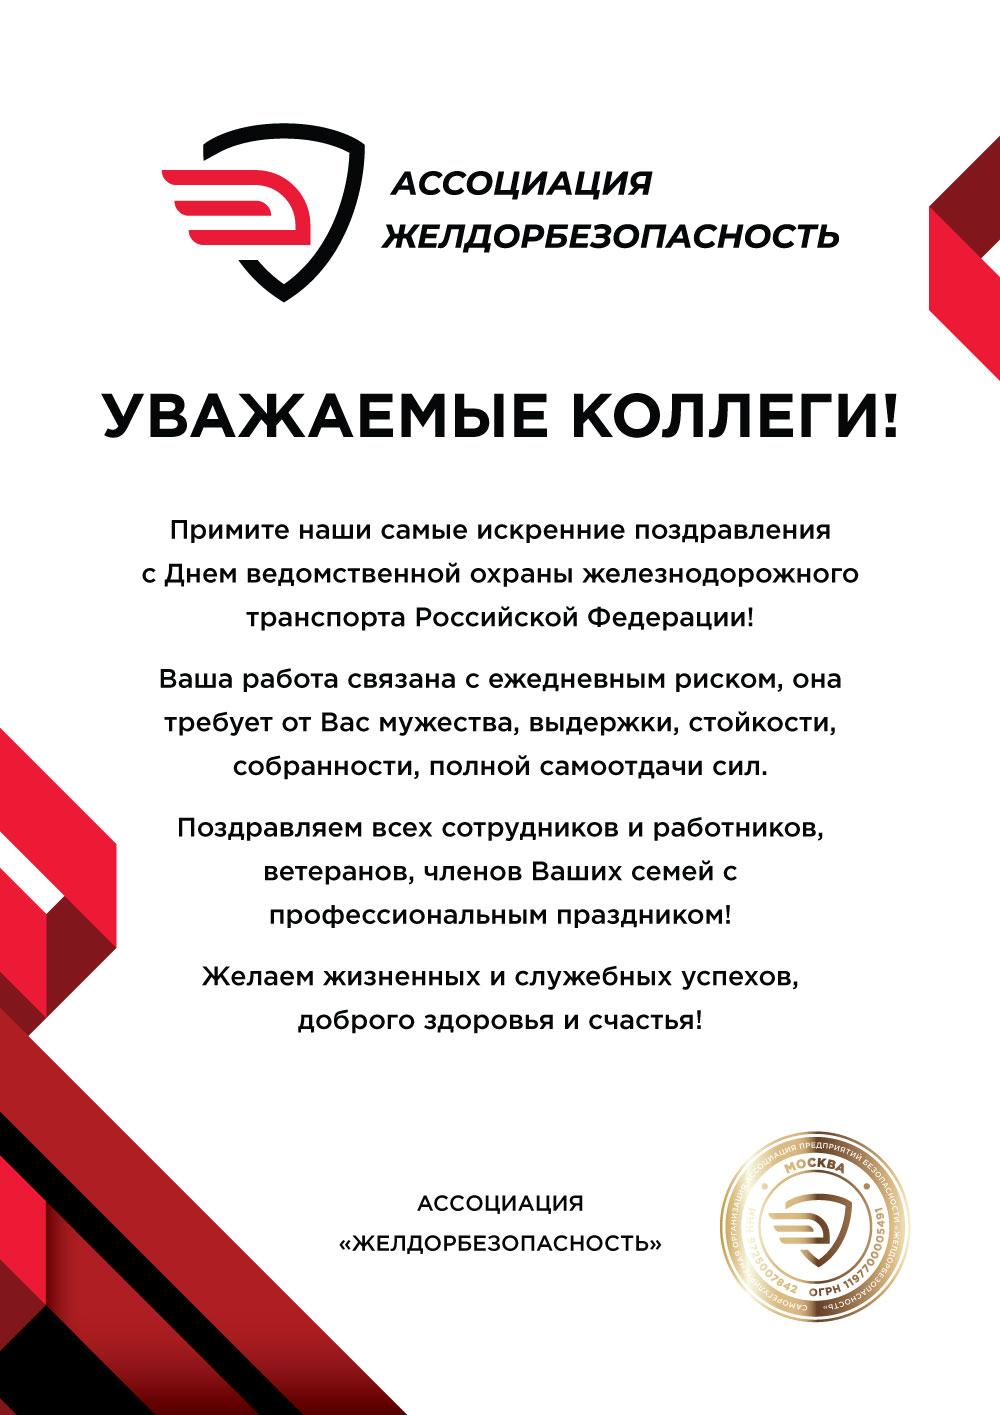 Поздравляем с Днем ведомственной охраны железнодорожного транспорта Российской Федерации!